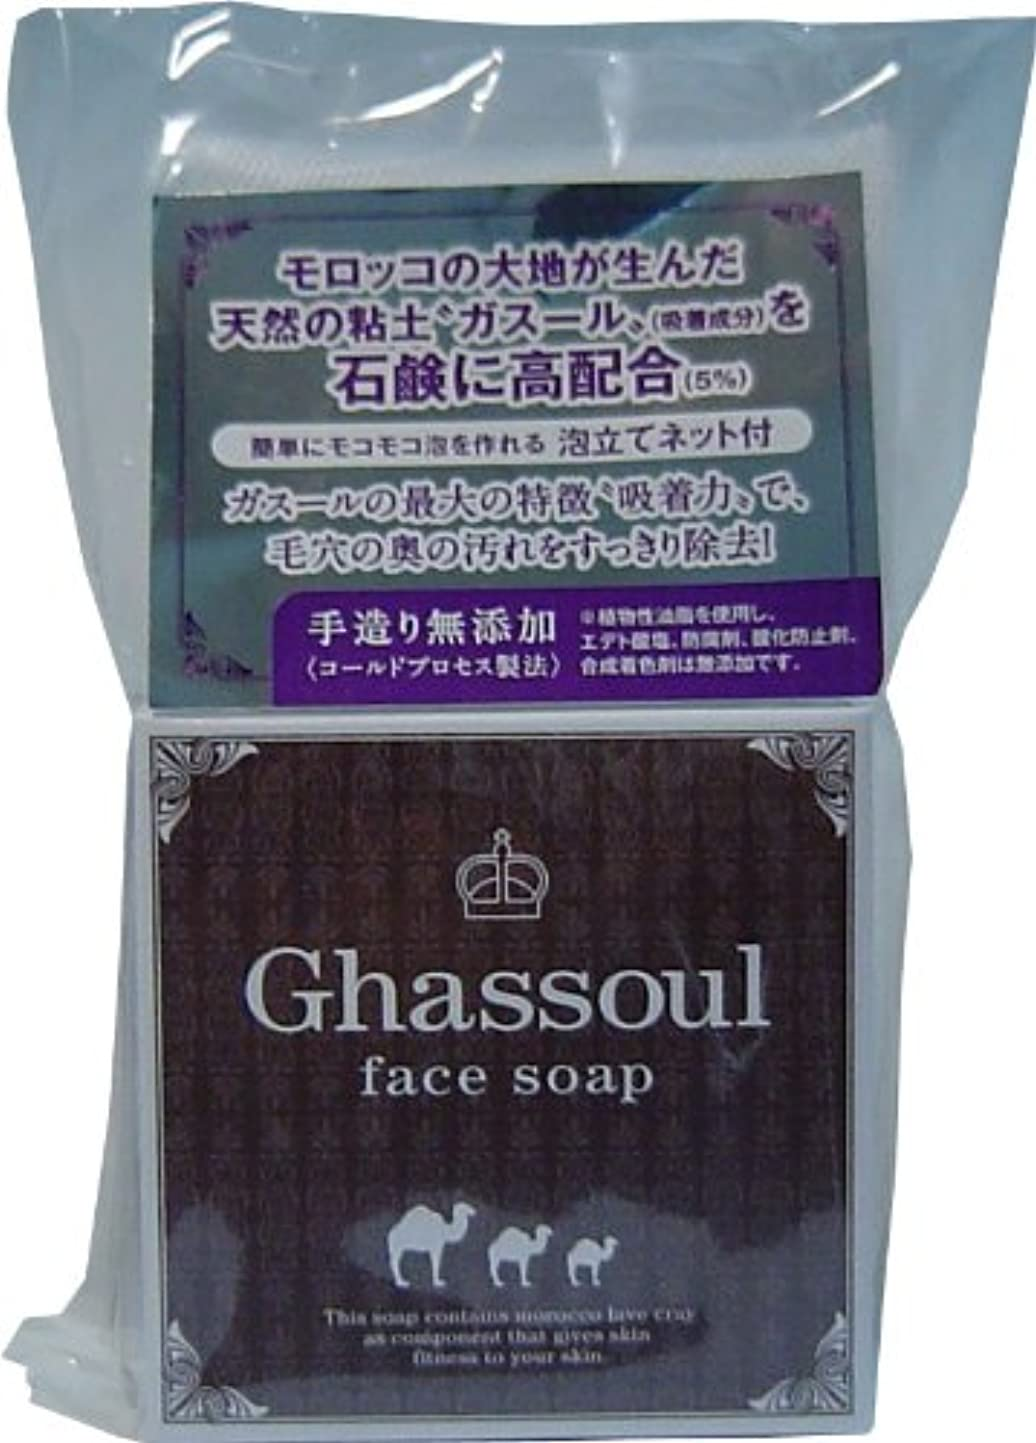 親にやにやユニークなGhassoul face soap ガスールフェイスソープ 100g「4点セット」